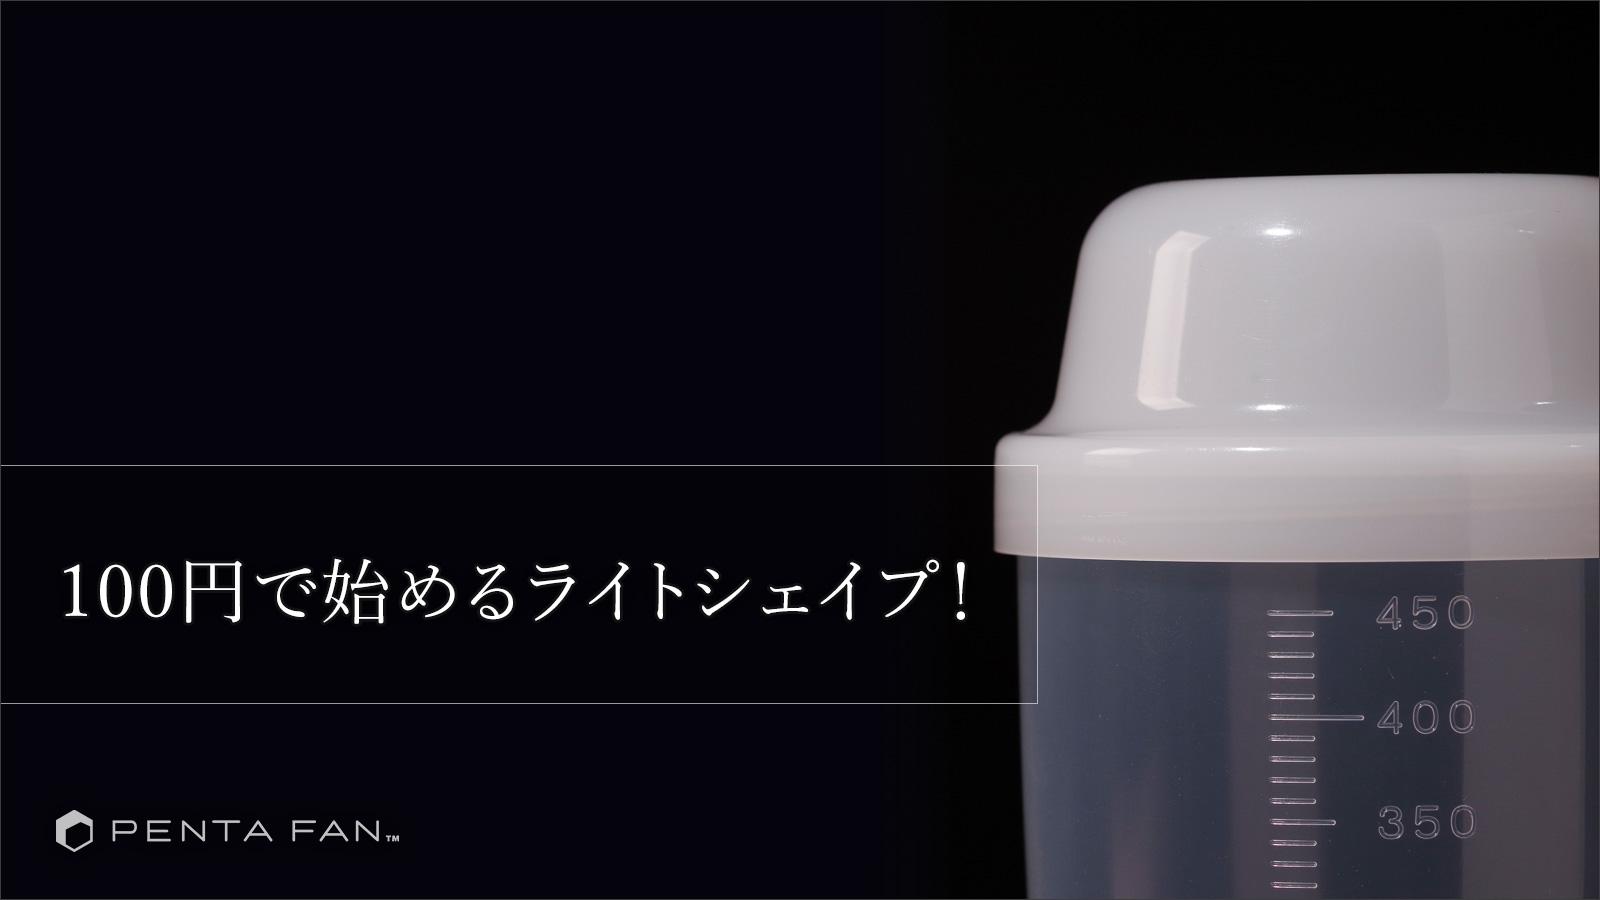 100円で始めるライトシェイプ!乳白色の恋の物語